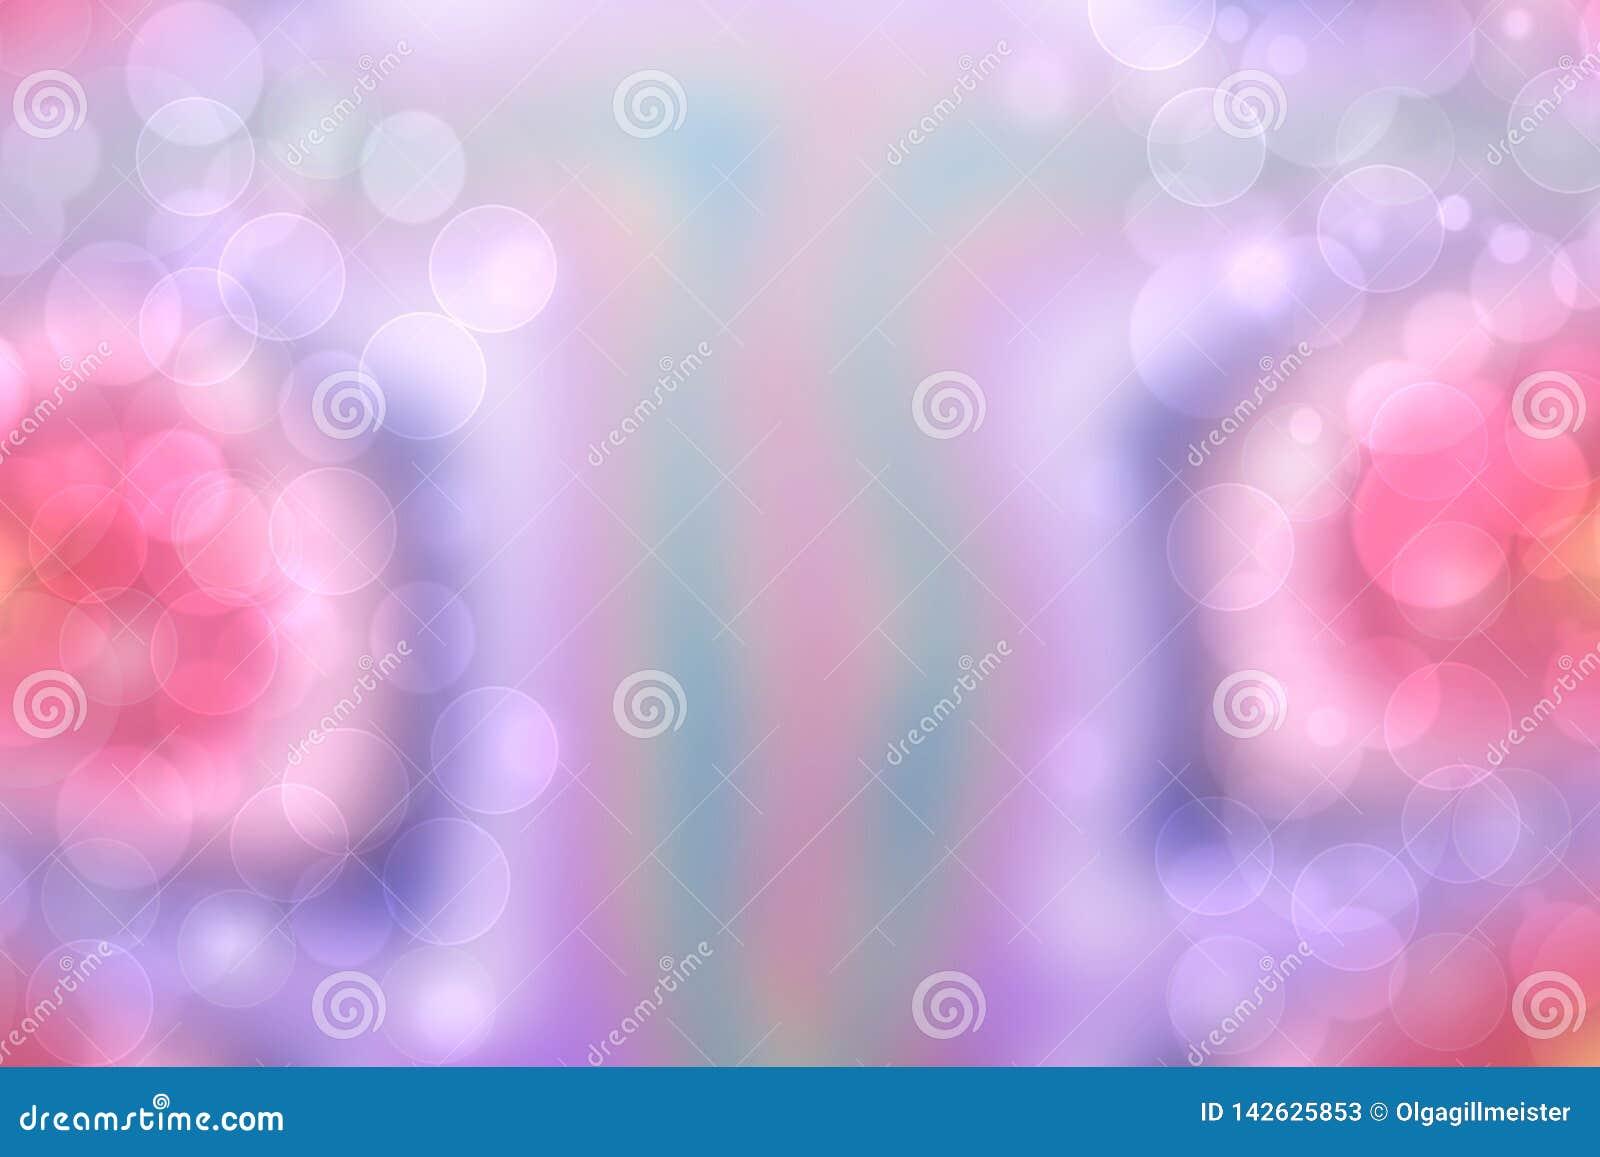 背景illustratin彩虹无缝的诉讼很好导航墙纸 与defocused bokeh光的摘要新生动的五颜六色的幻想彩虹背景纹理 美好的光